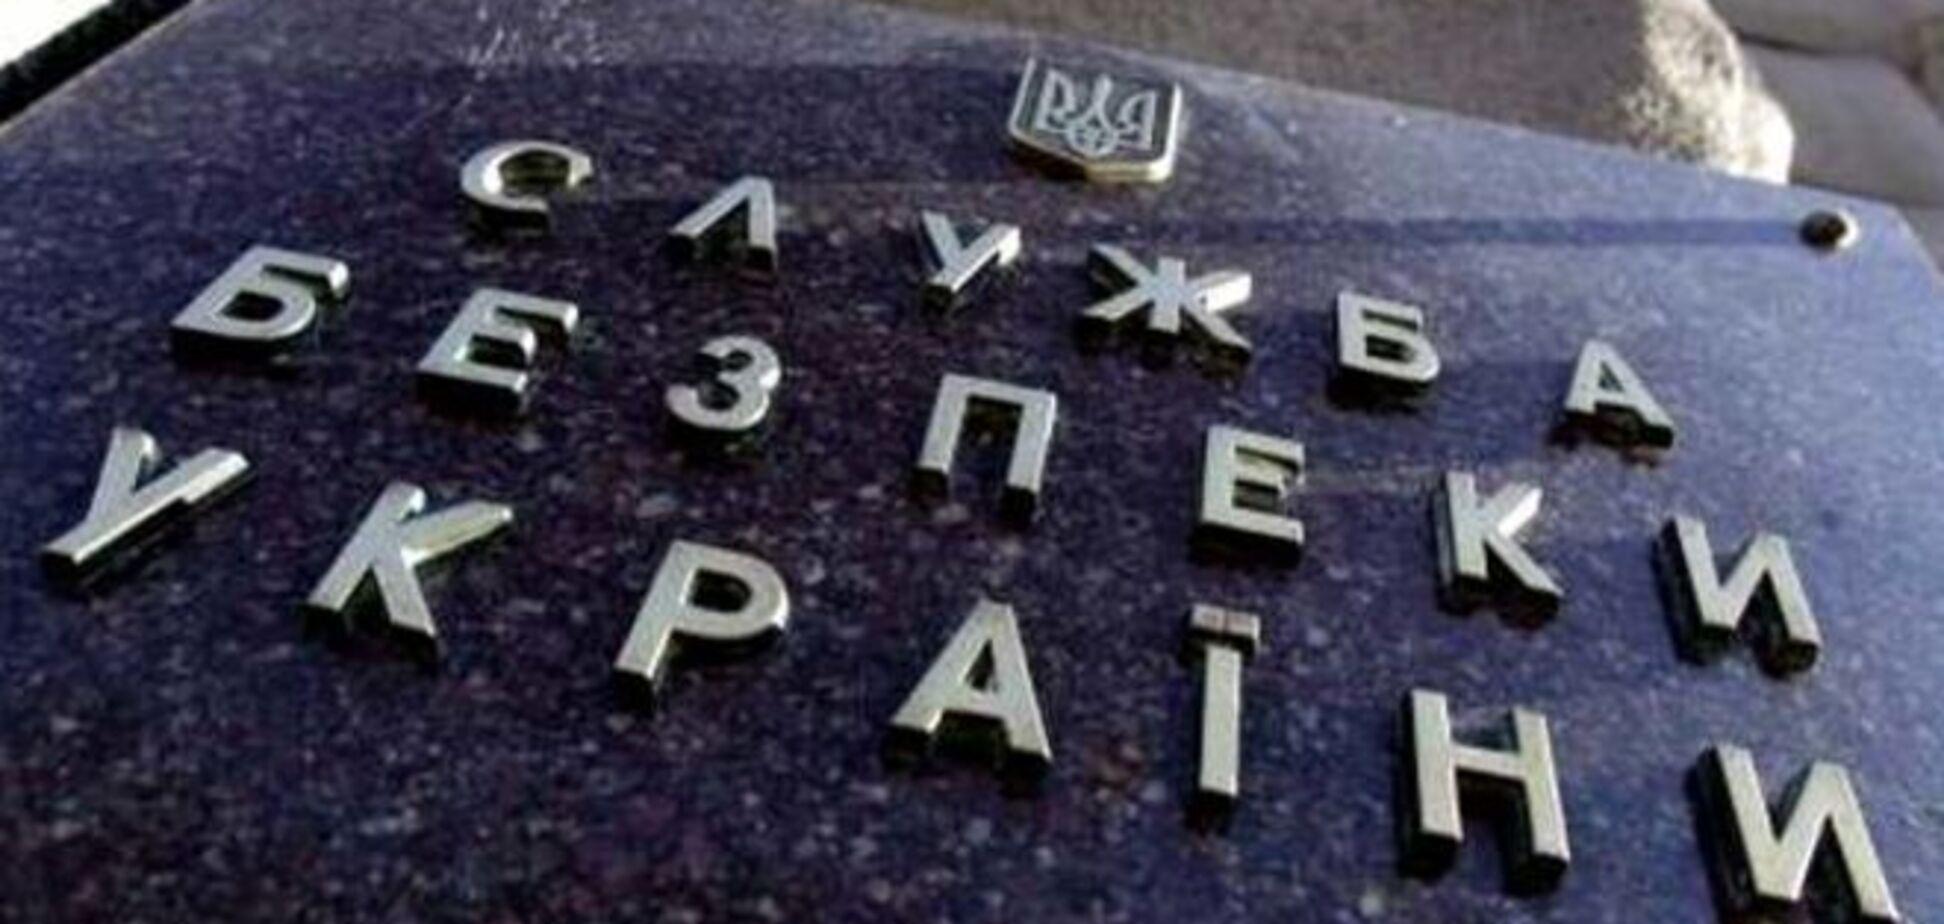 На Закарпатті блоковано більш ніж 10 бійців 'Правого сектора' - СБУ